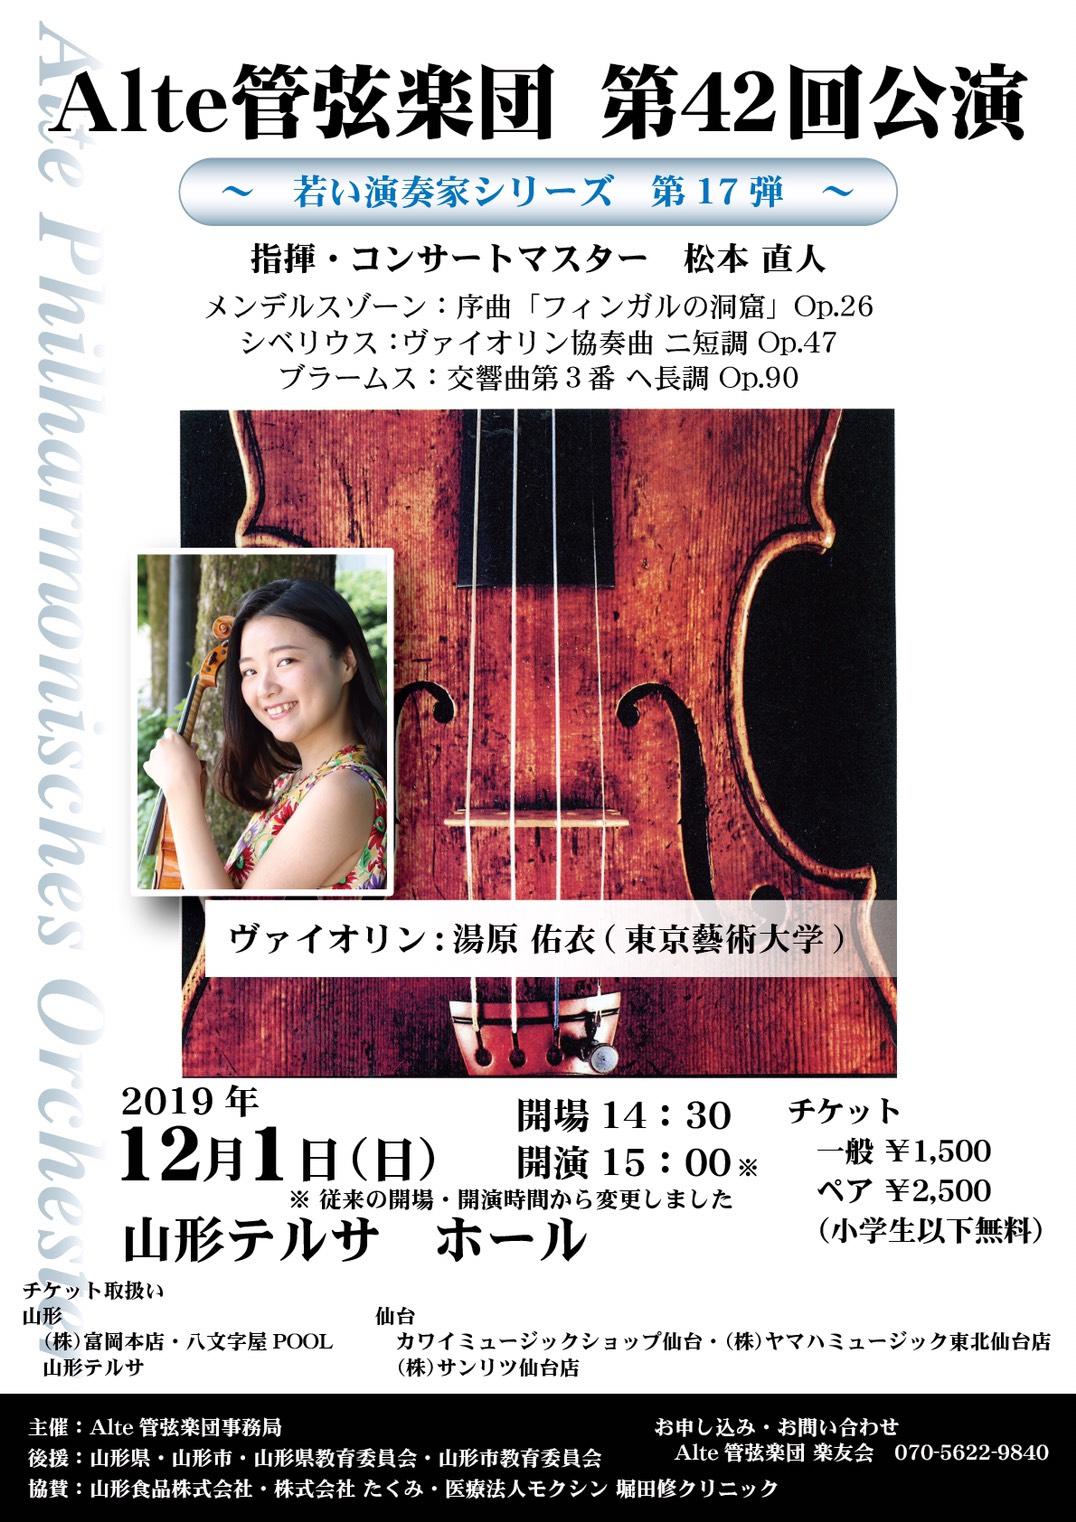 Alte管弦楽団 第42回公演